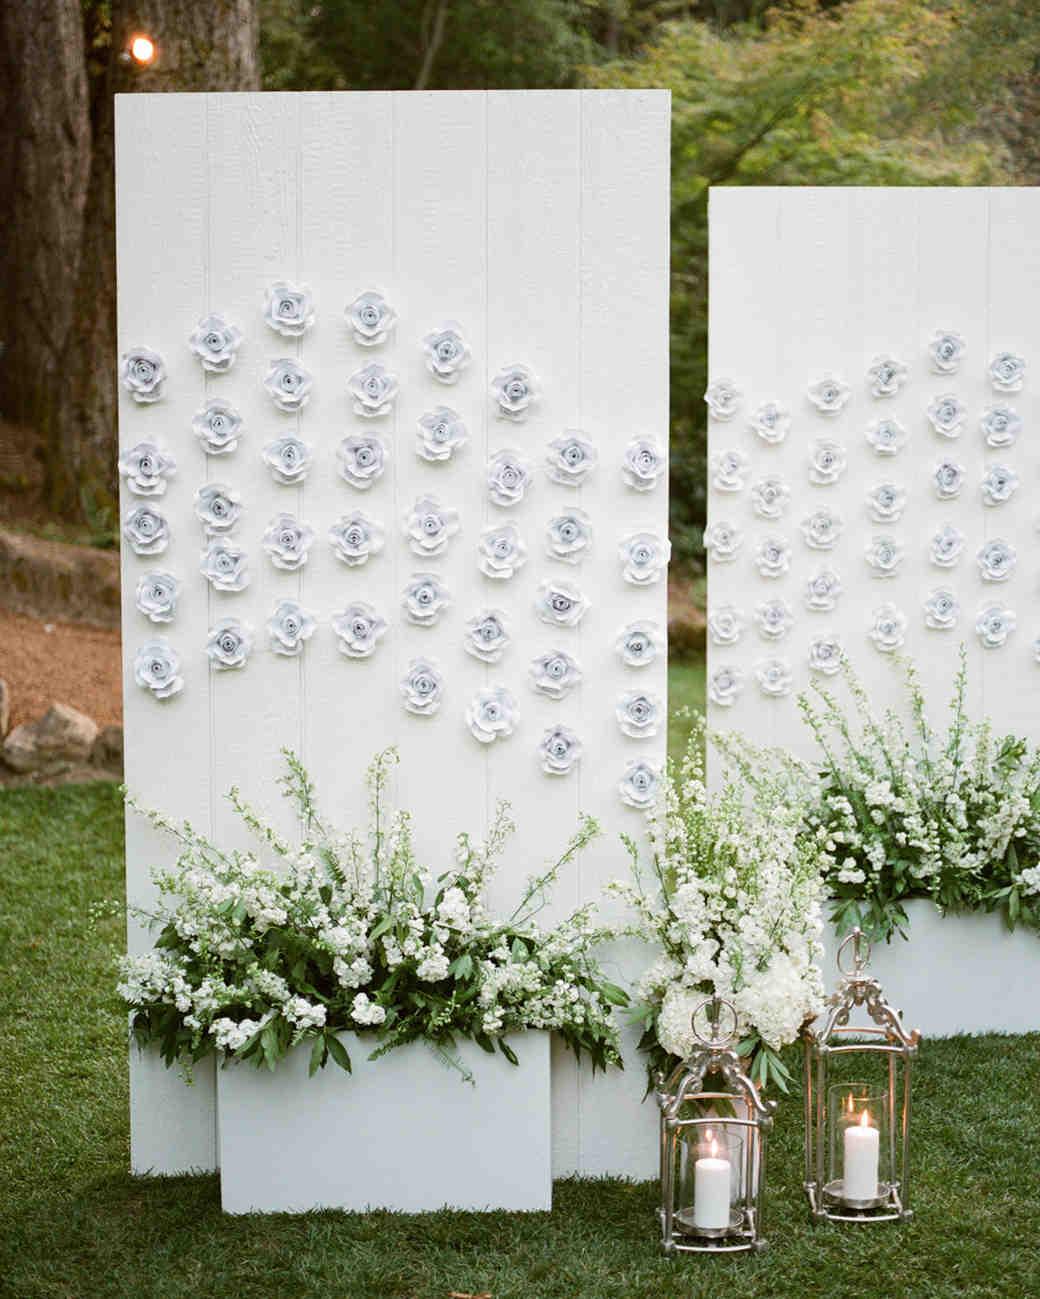 floral seating display